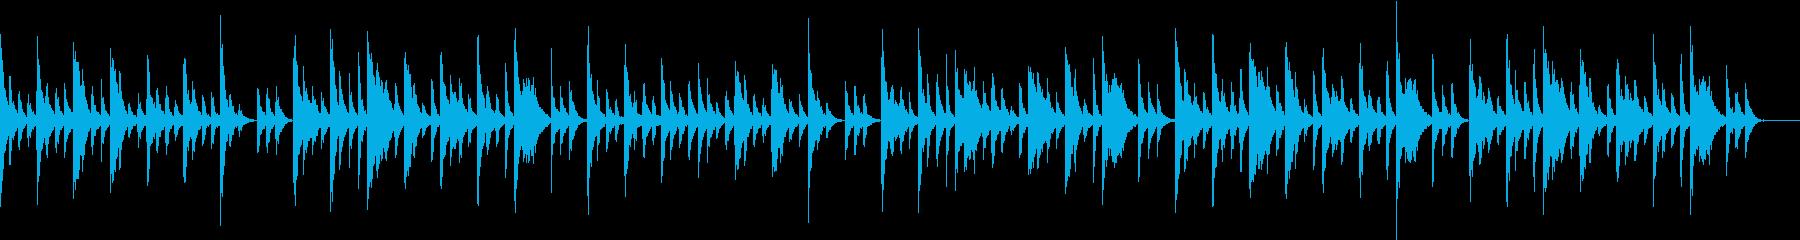 赤ちゃんに聴かせるエレクトリックピアノの再生済みの波形